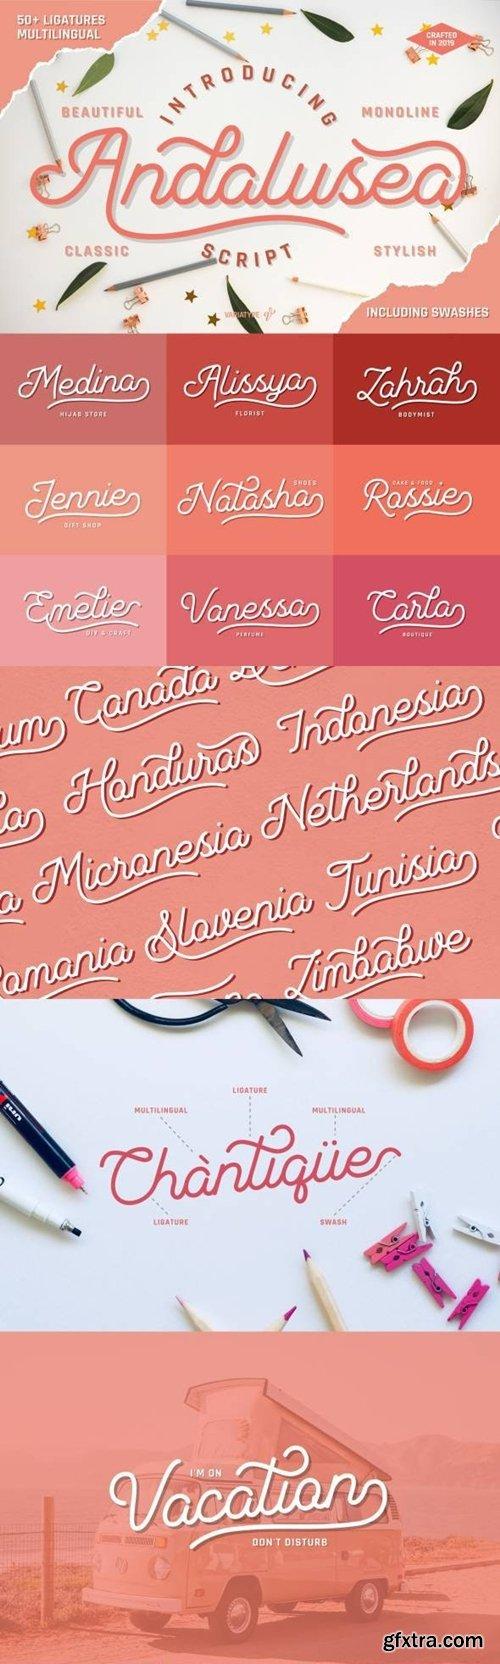 GraphicRiver - Andalusea Script 24375430